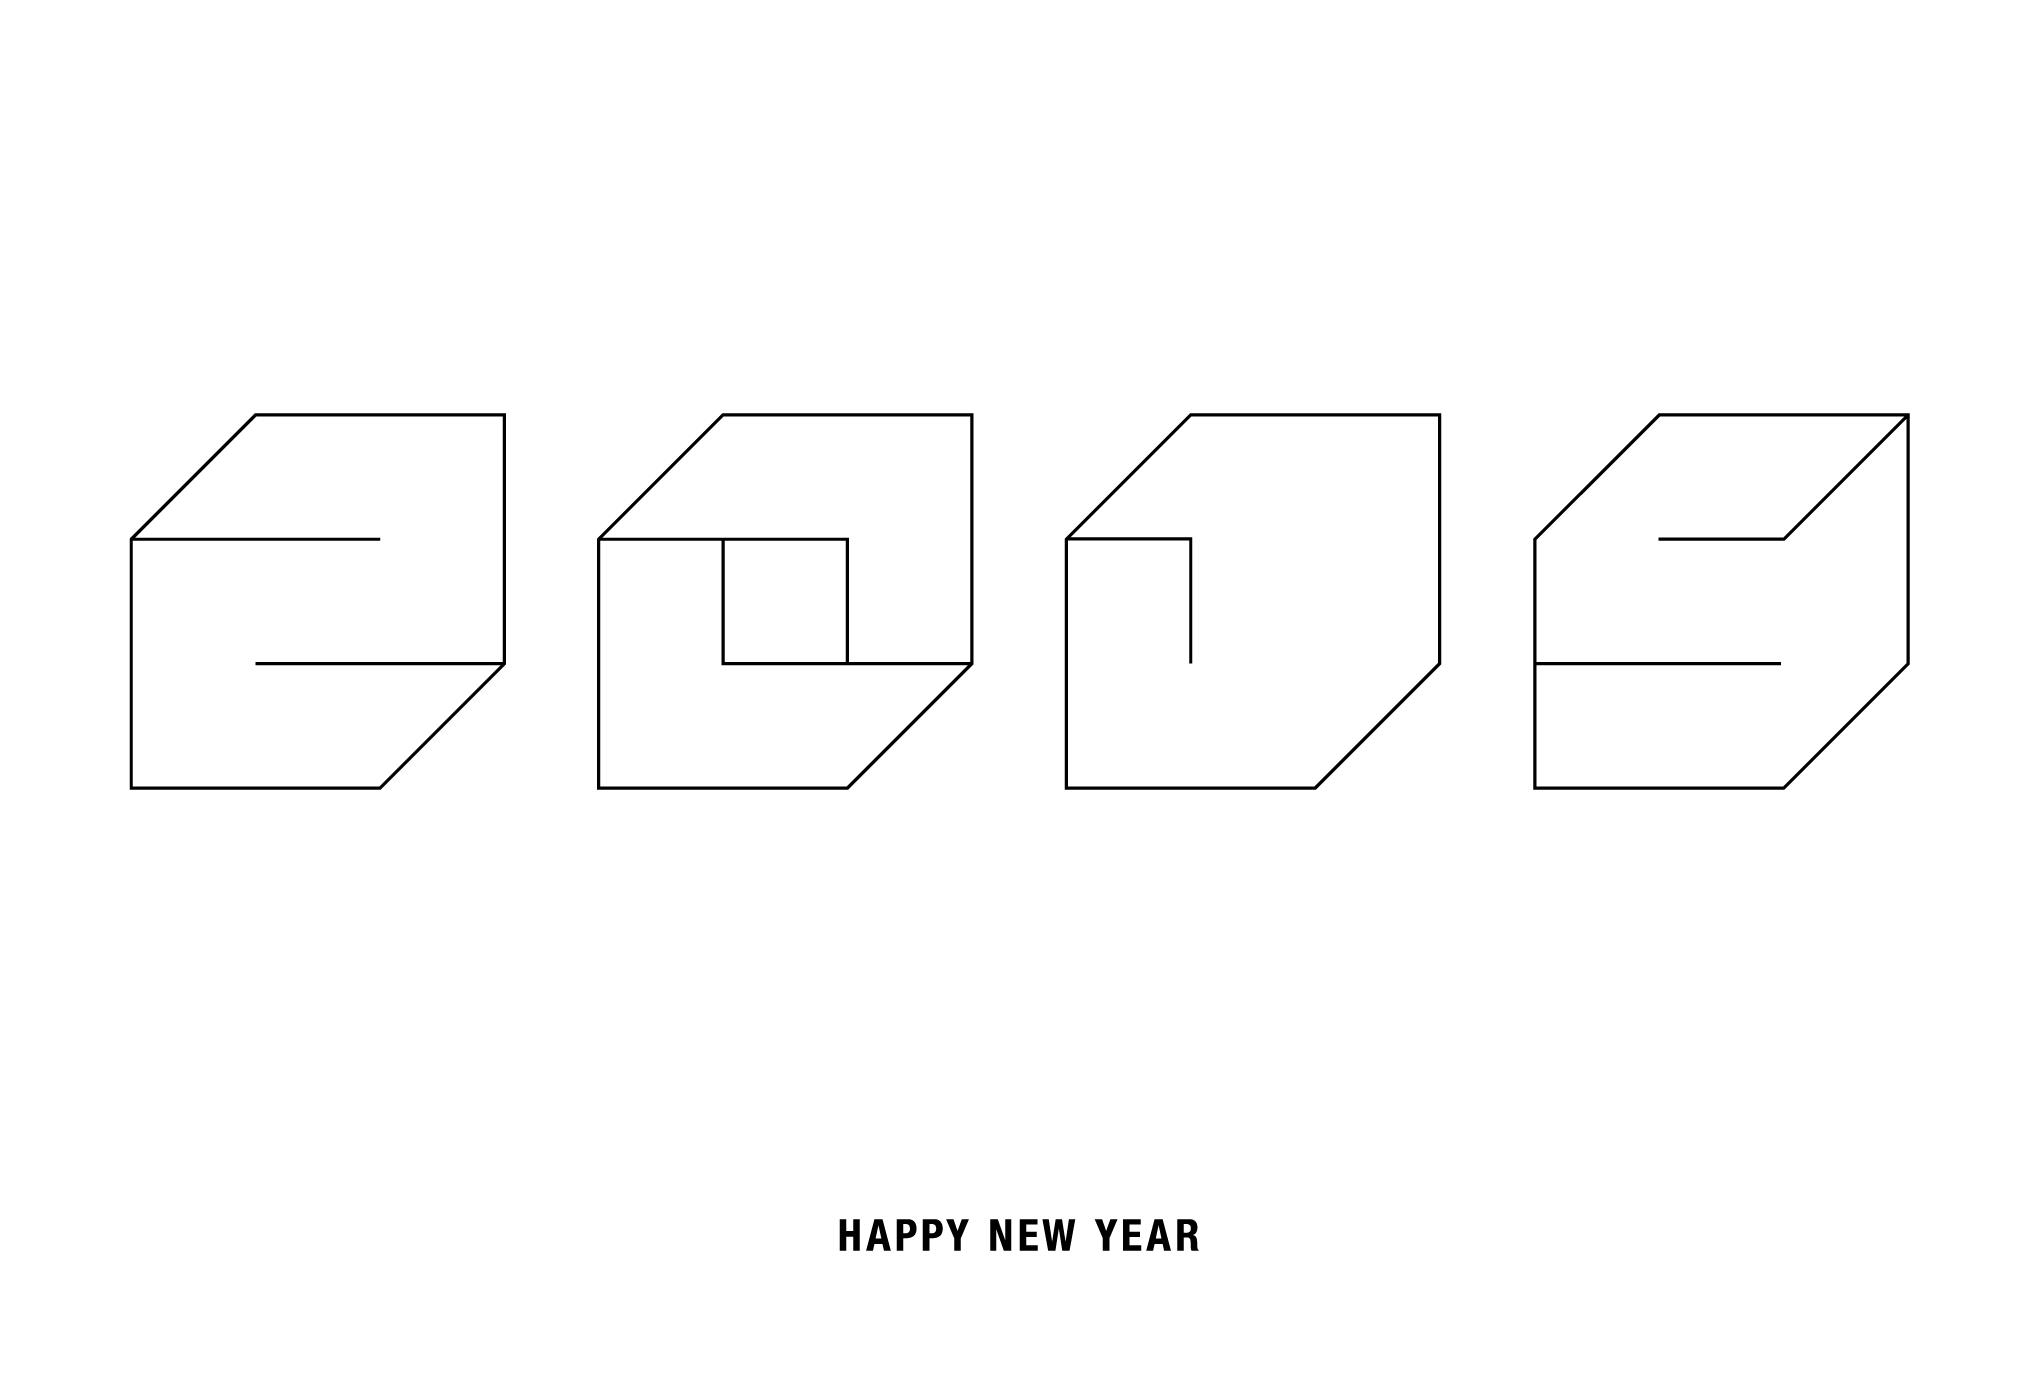 2015年賀状07-1:Square 2015 / 1のダウンロード画像